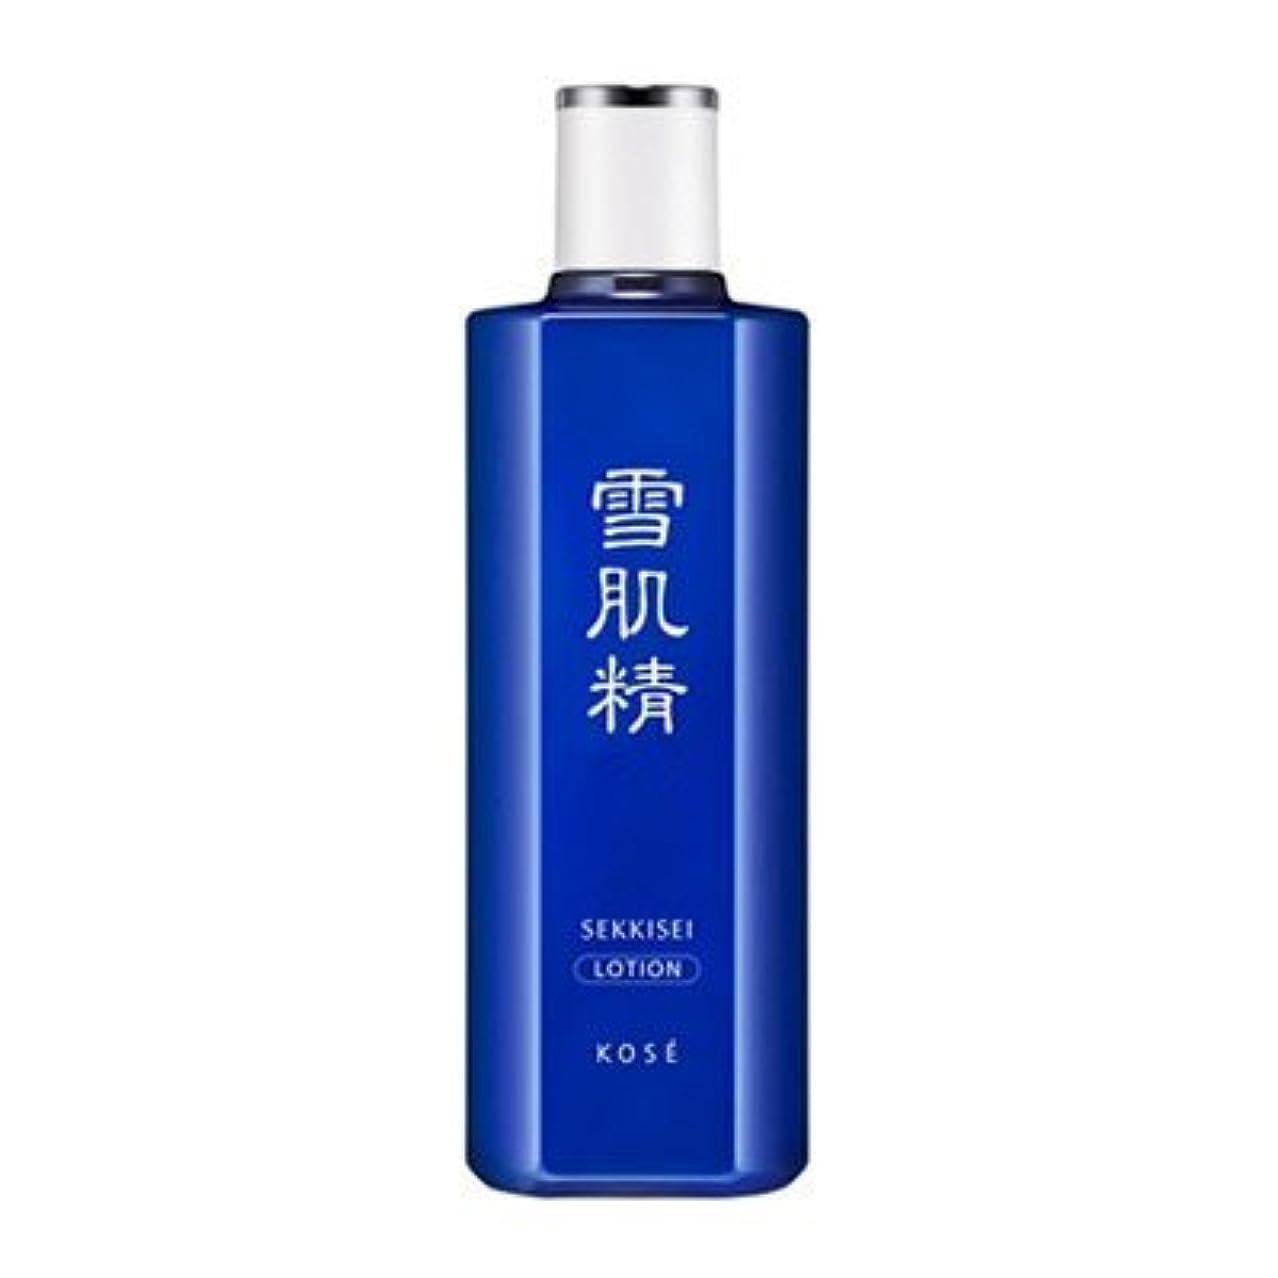 生む初心者精査KOSE コーセー 薬用 雪肌精 360ml [並行輸入品]